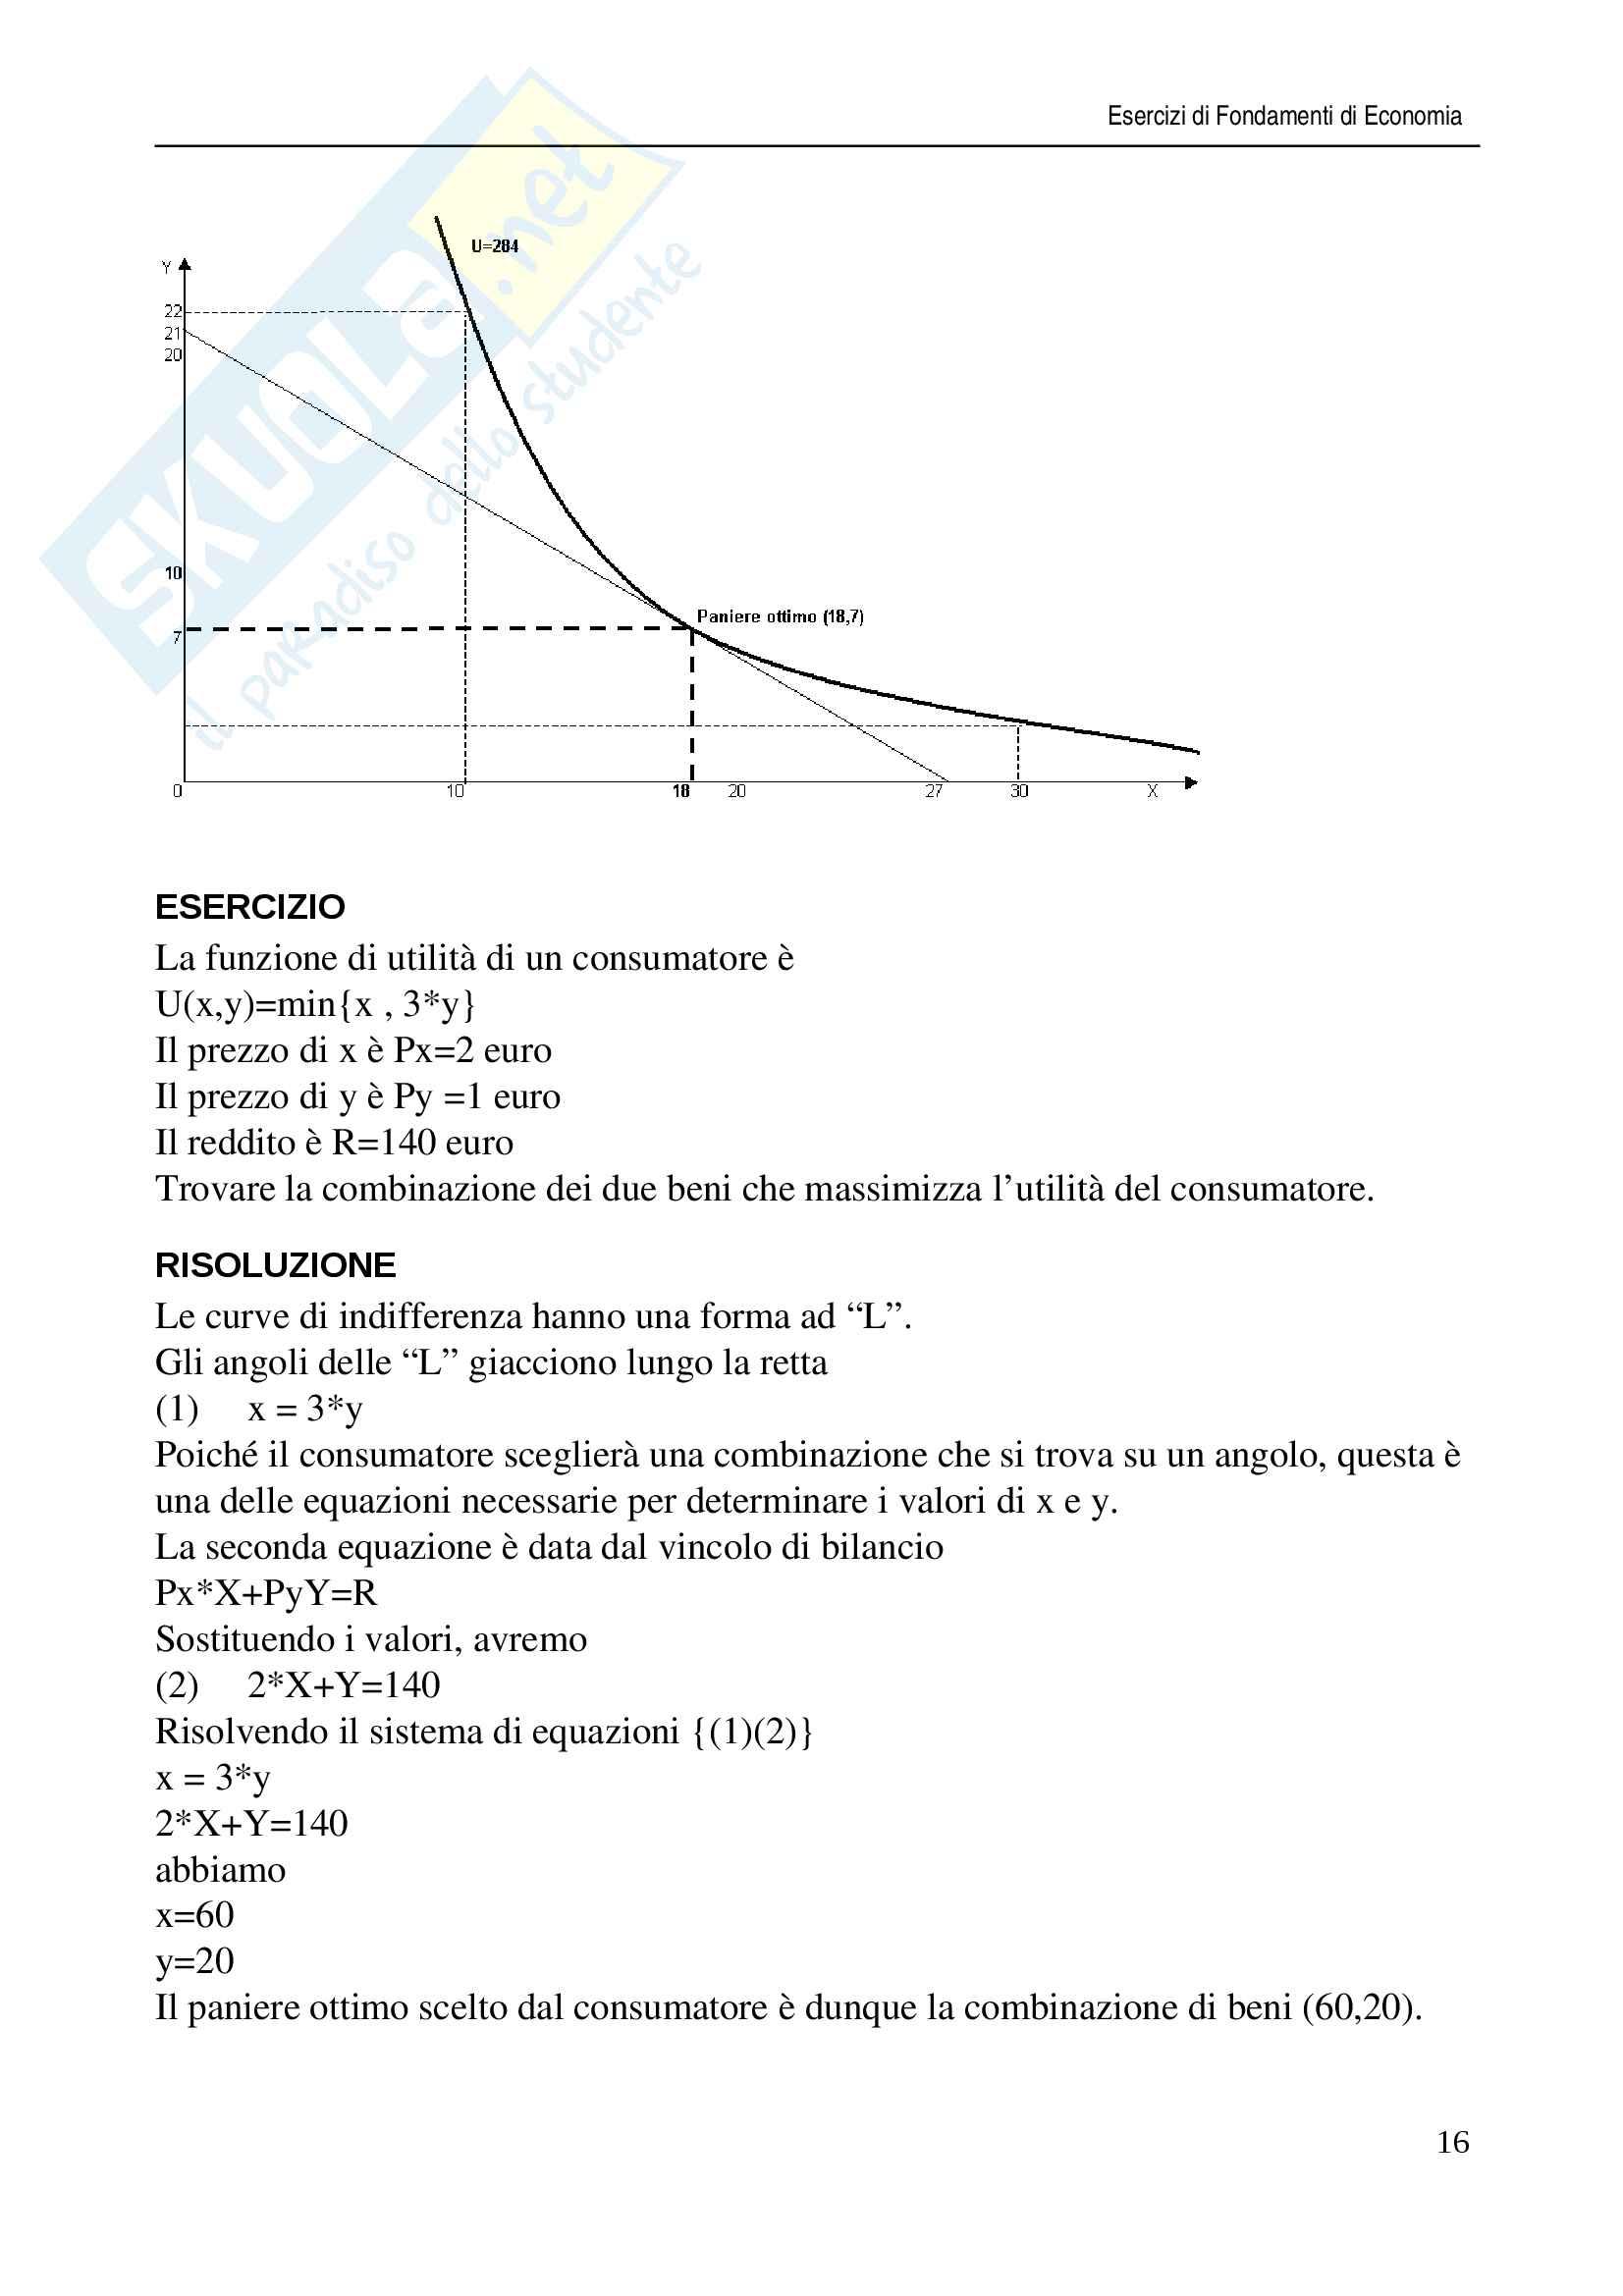 Esercizi di Fondamenti di Economia con Soluzione Pag. 16